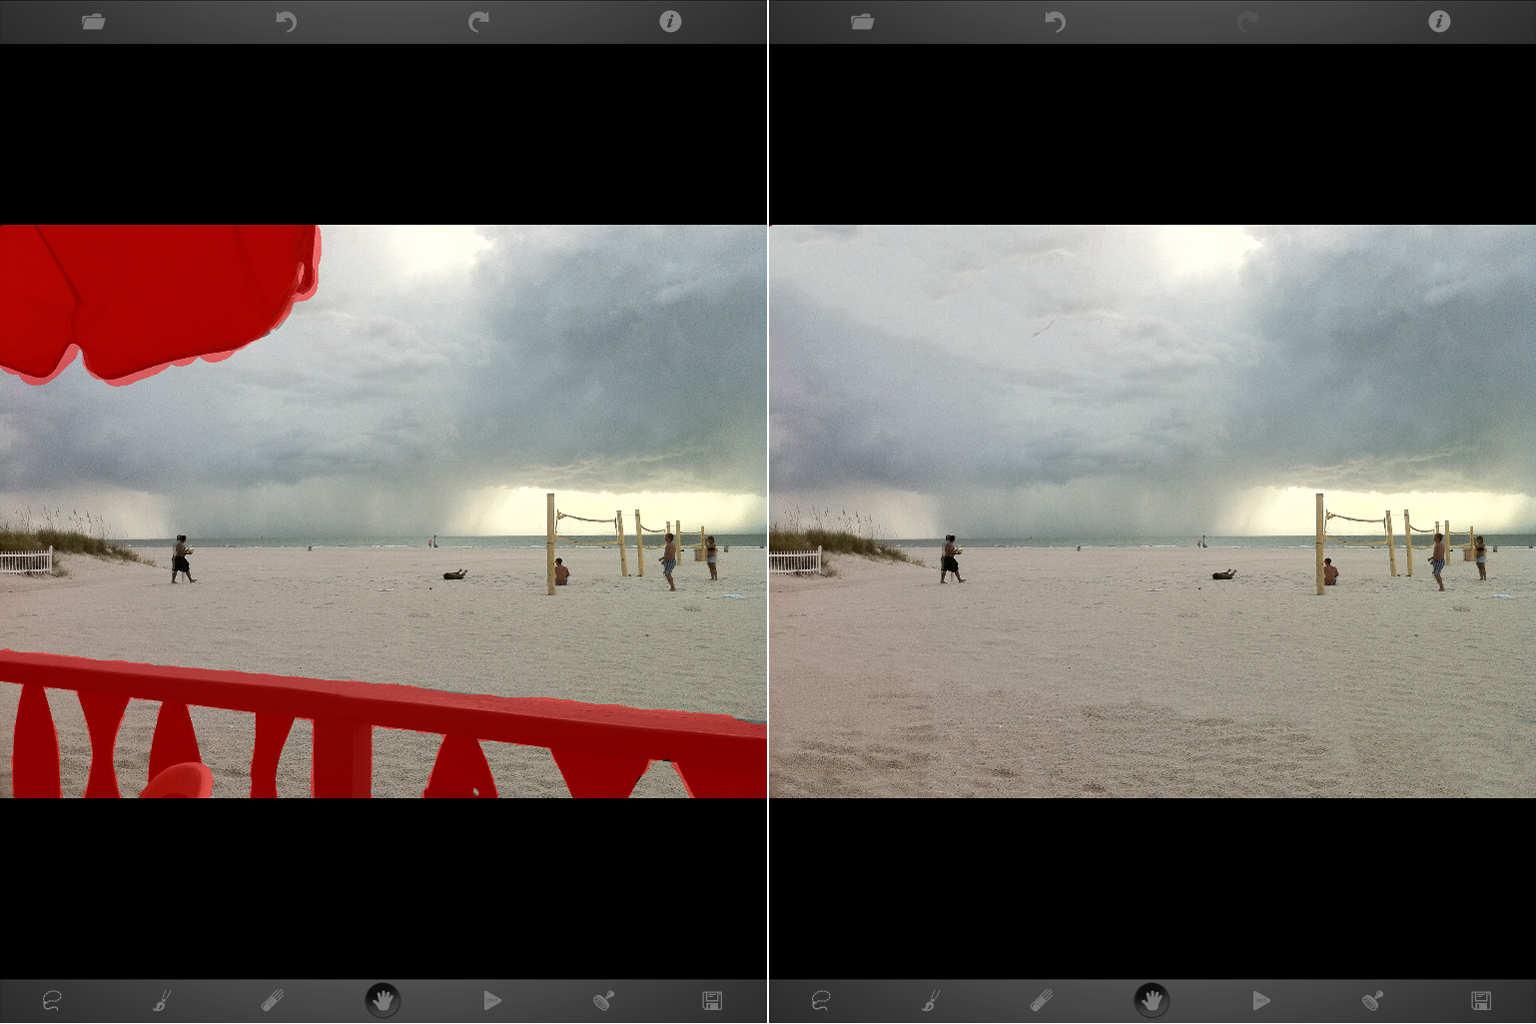 comment supprimer des  u00e9l u00e9ments    objets sur une photo